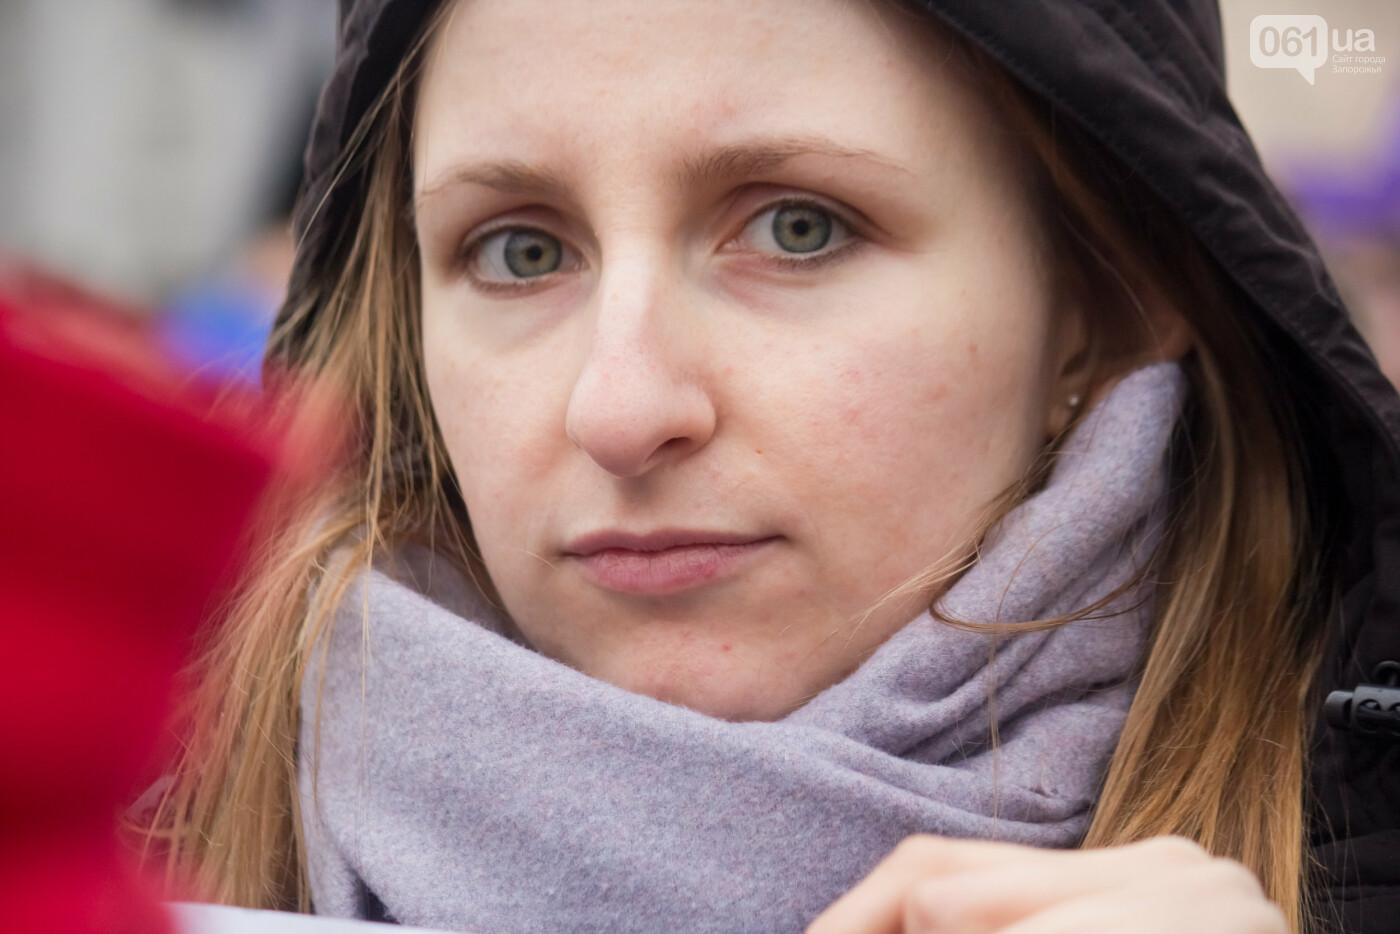 5 историй запорожцев, которые вышли на Марш женщин в Киеве: почему для них это важно, - ФОТОРЕПОРТАЖ, фото-24